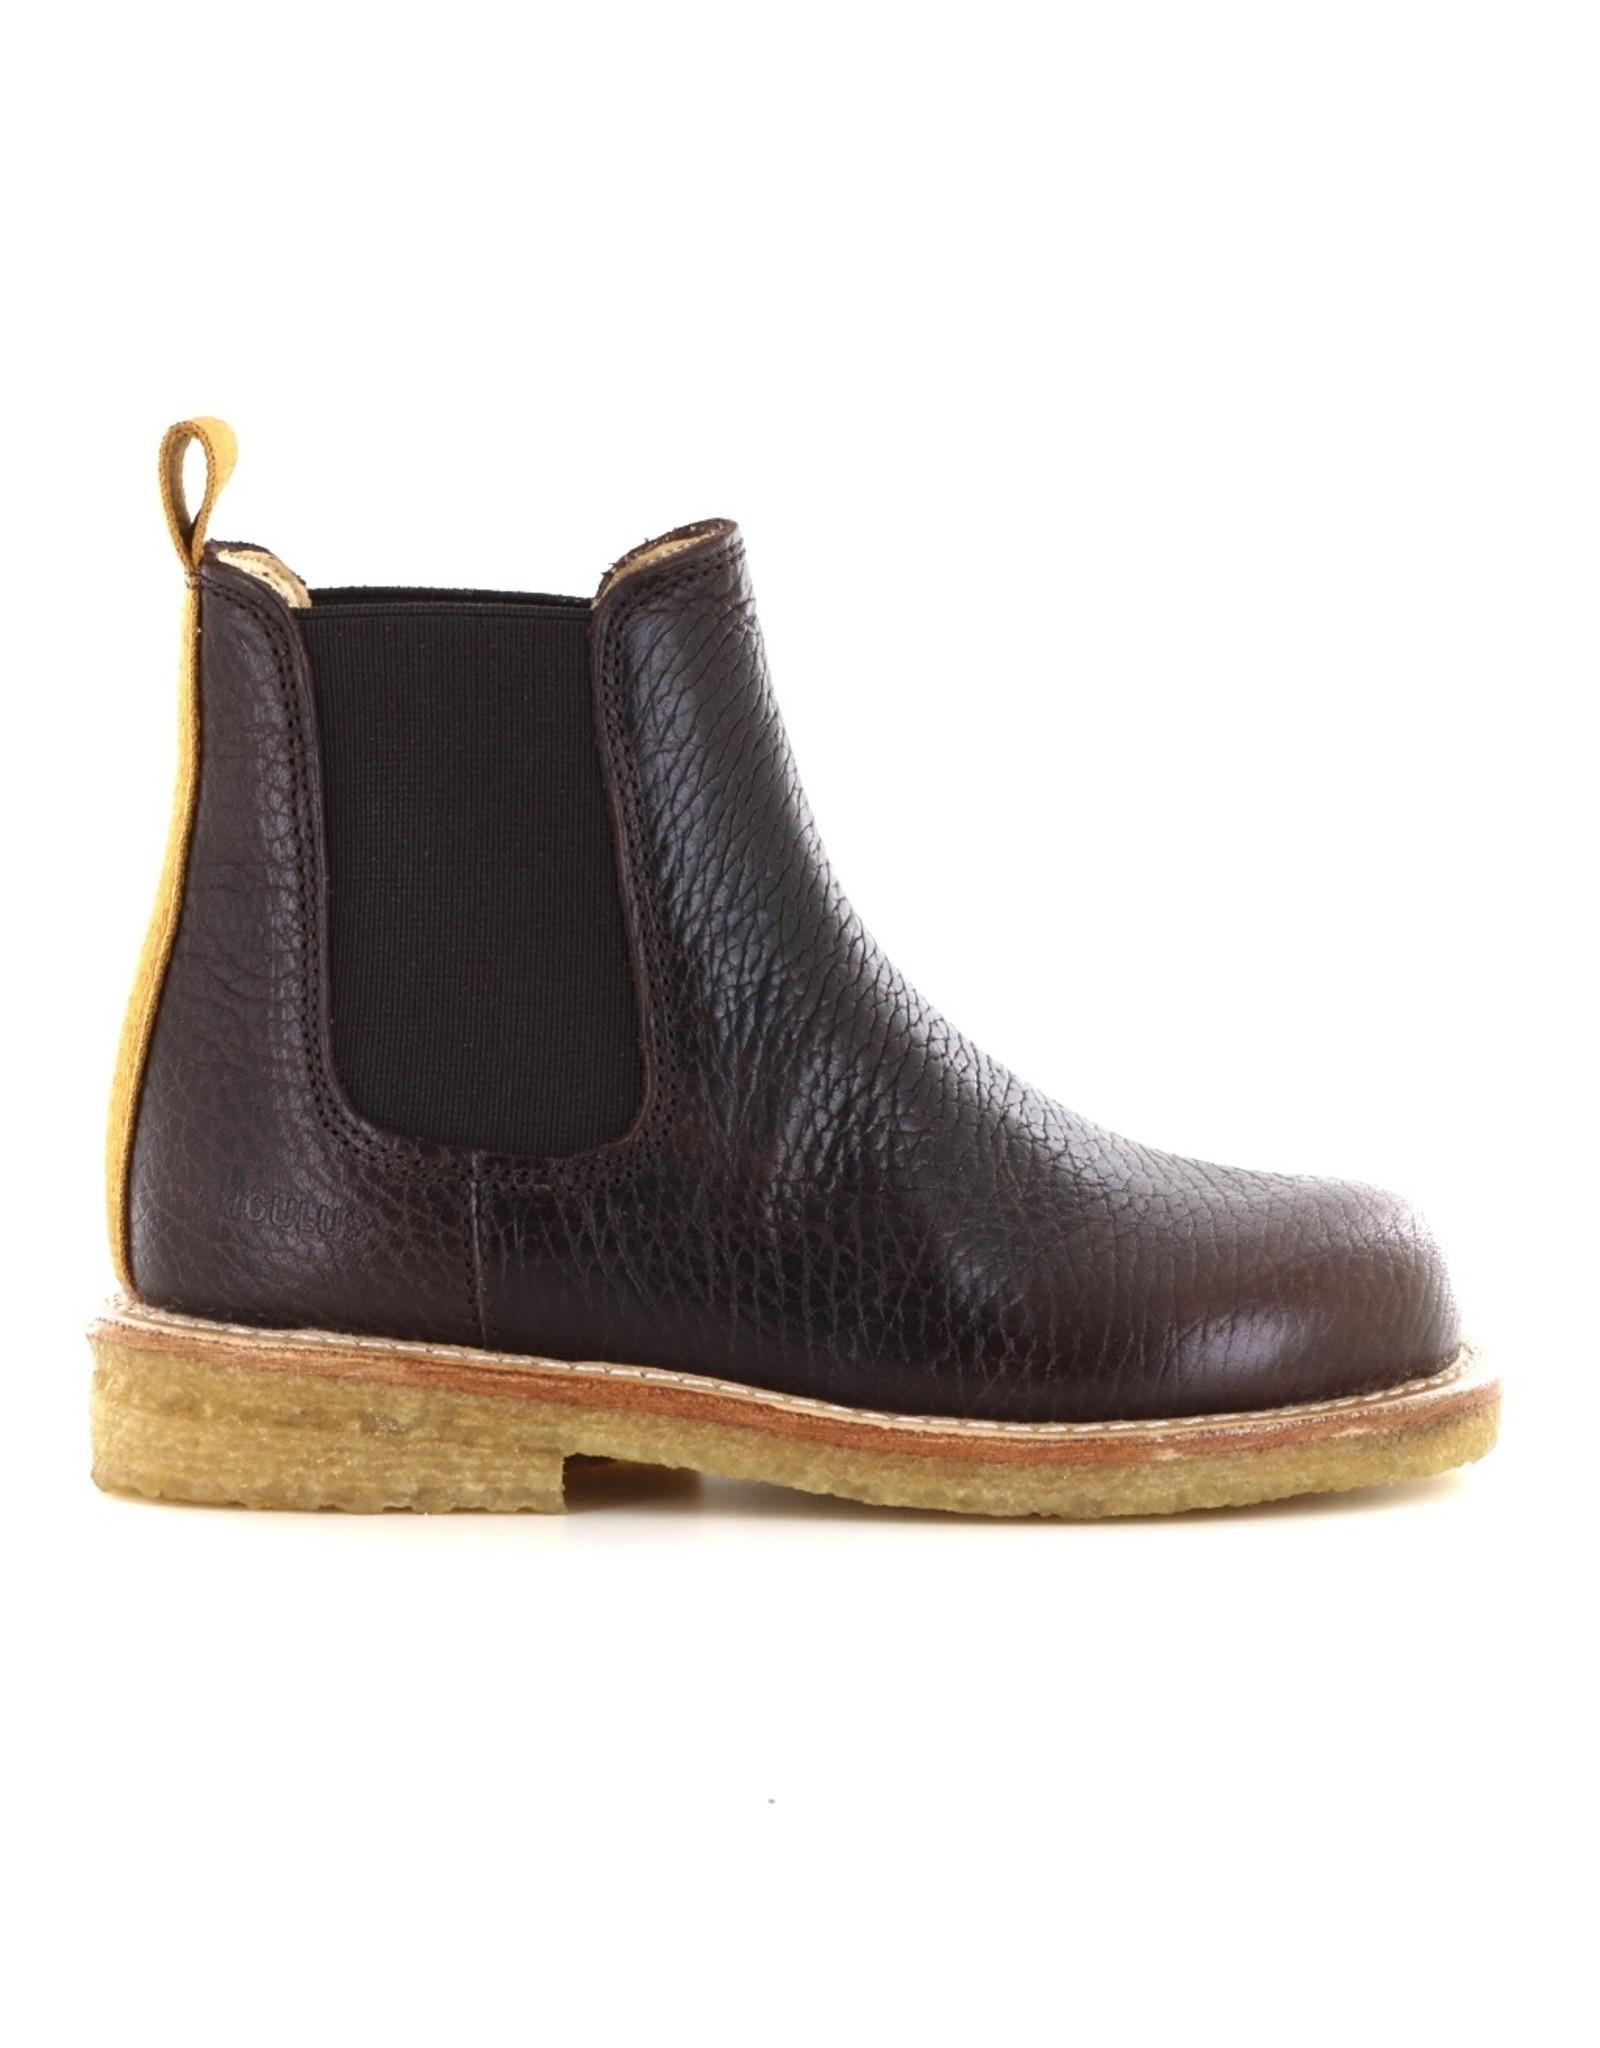 Angulus 2192 brown mustard